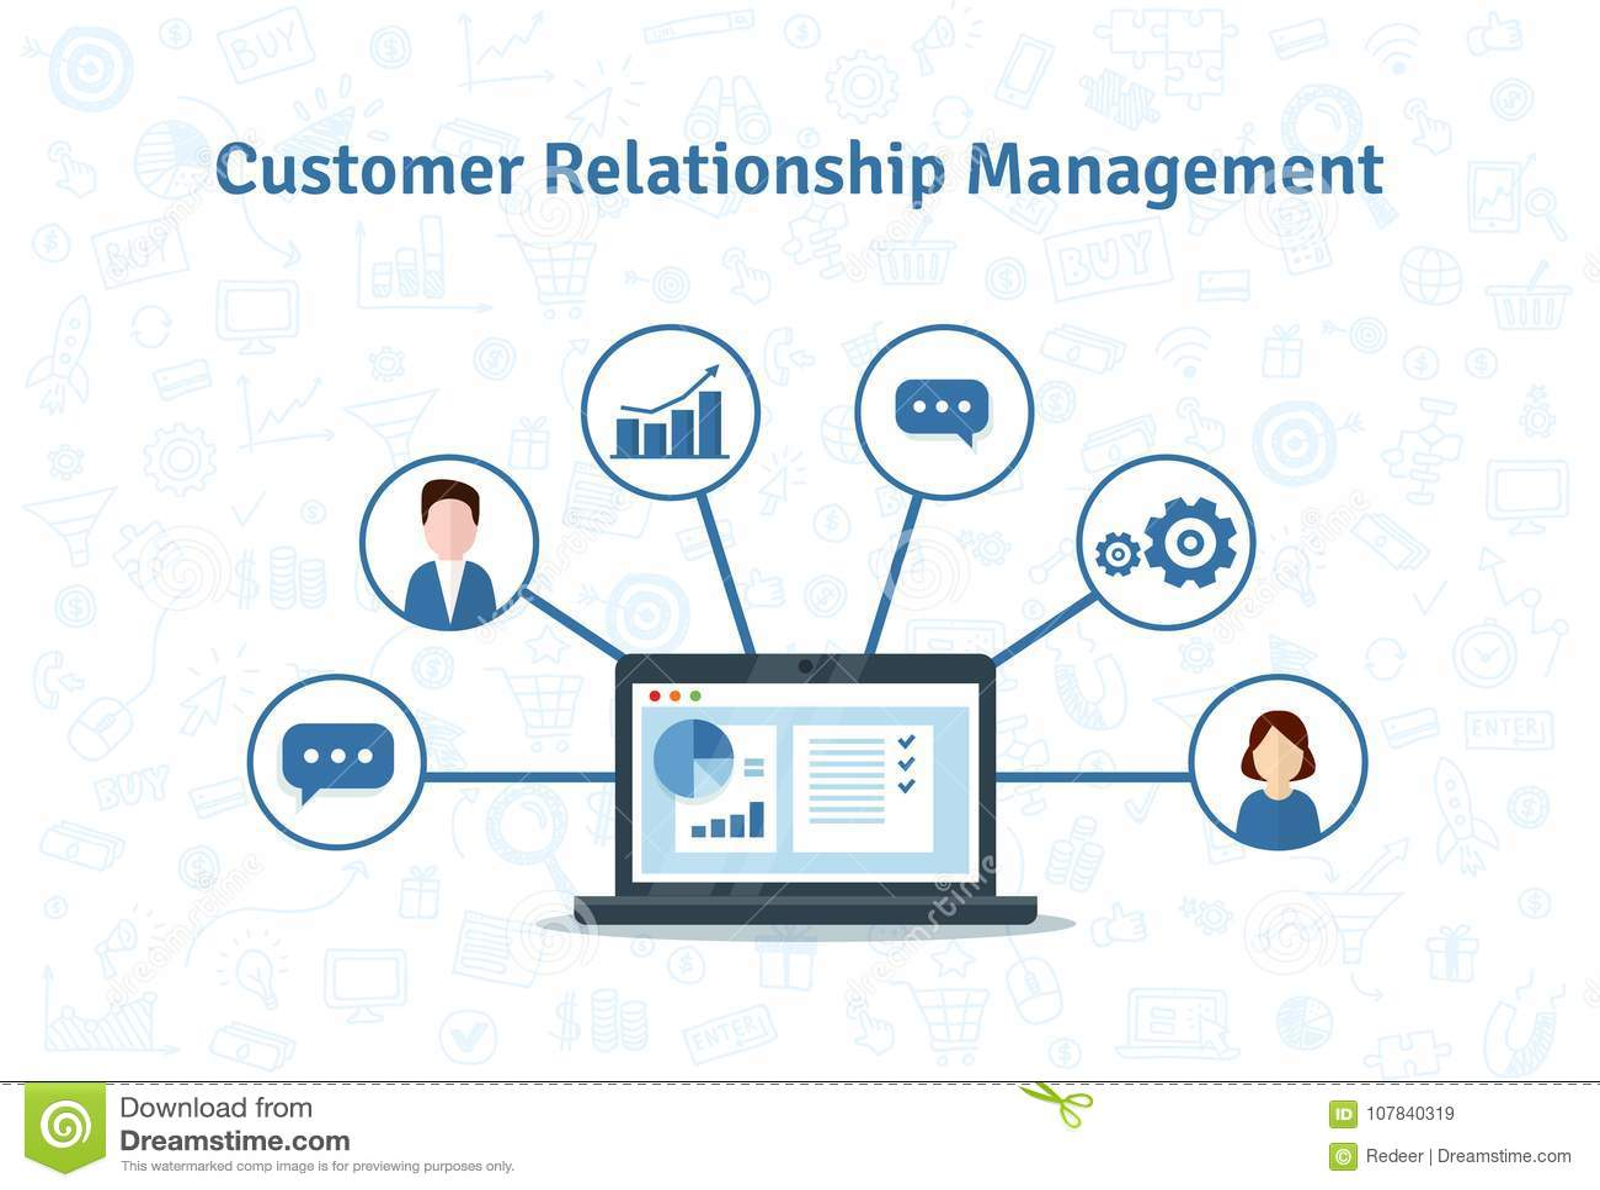 Organisation von Daten bezüglich der Arbeit mit Kunden, CRM-Konzept Kunden-Verhältnis-Managementvektorillustration